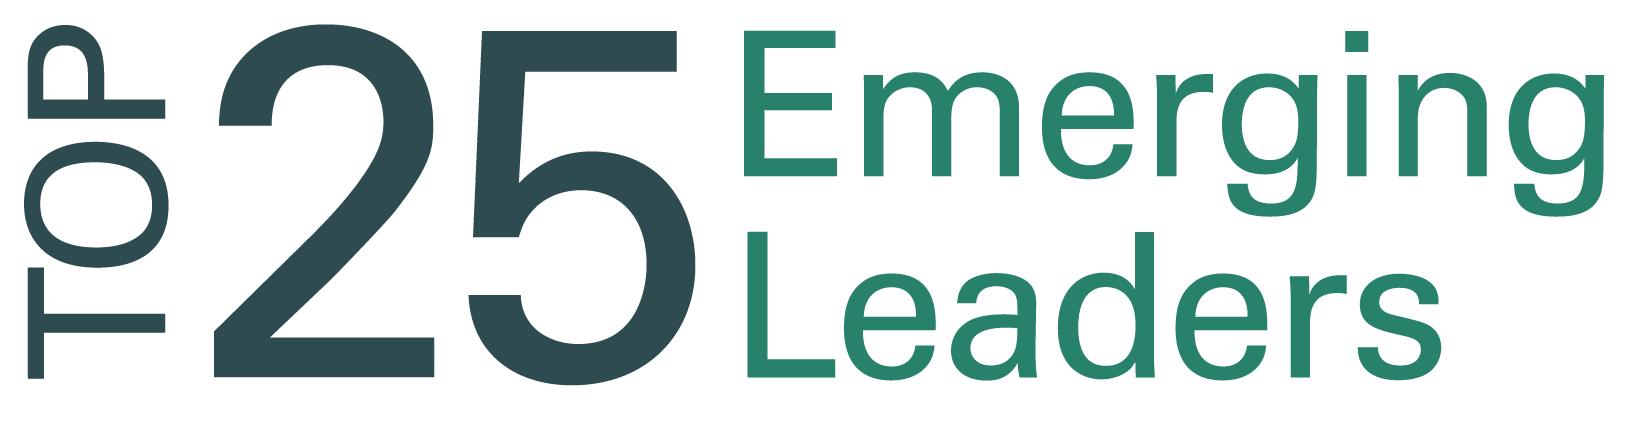 Top 25 Emerging Leaders